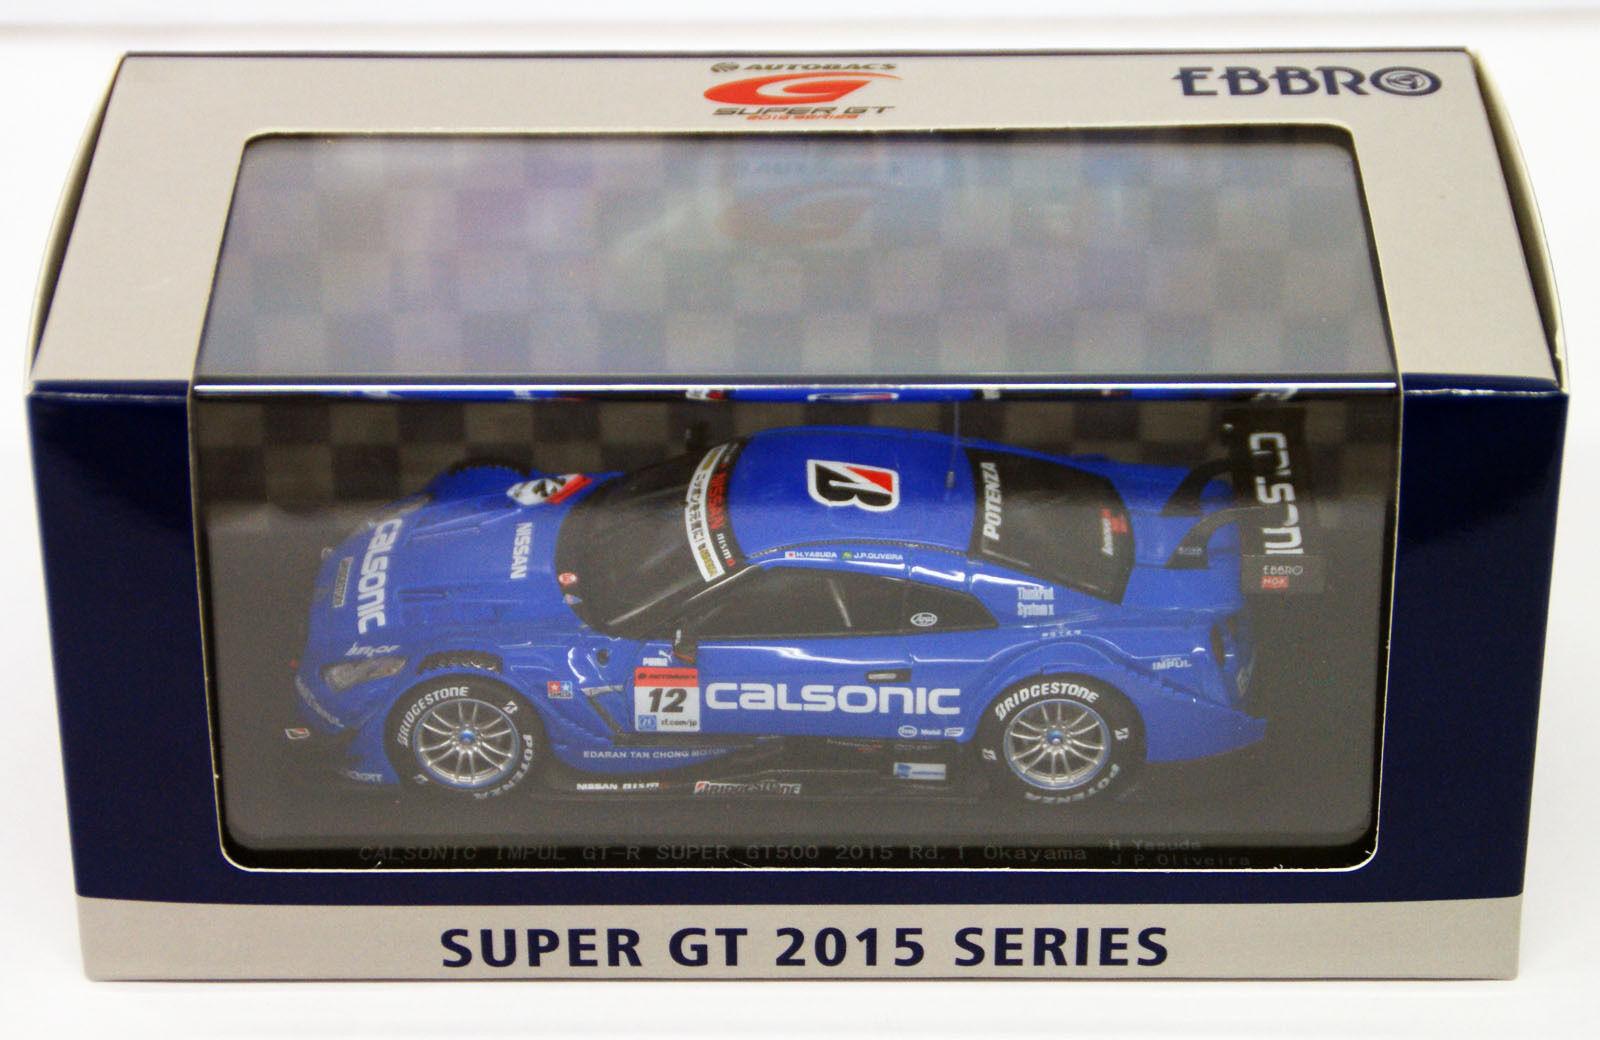 moda clasica Ebbro 45261 Calsonic Impul Gt-r súper GT500 GT500 GT500 2015 RD 1 Okayama No.12 1 43 Escala  venta caliente